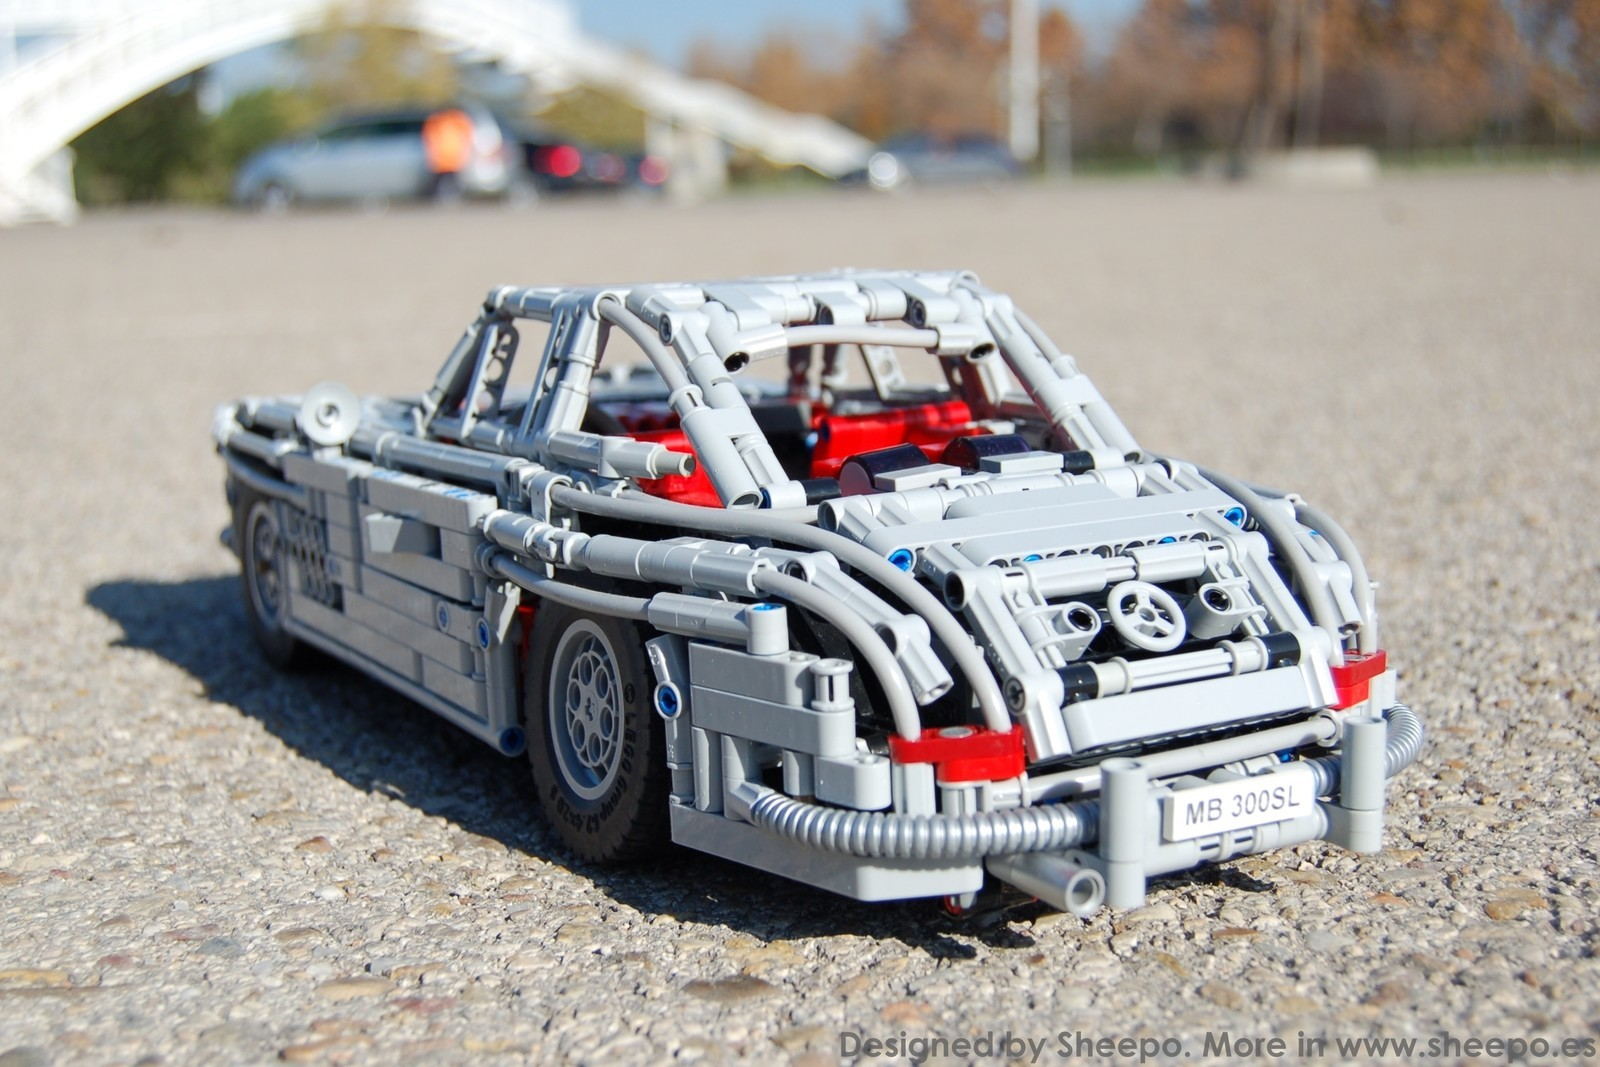 Foto de Diseños de Sheepo en Lego (21/37)